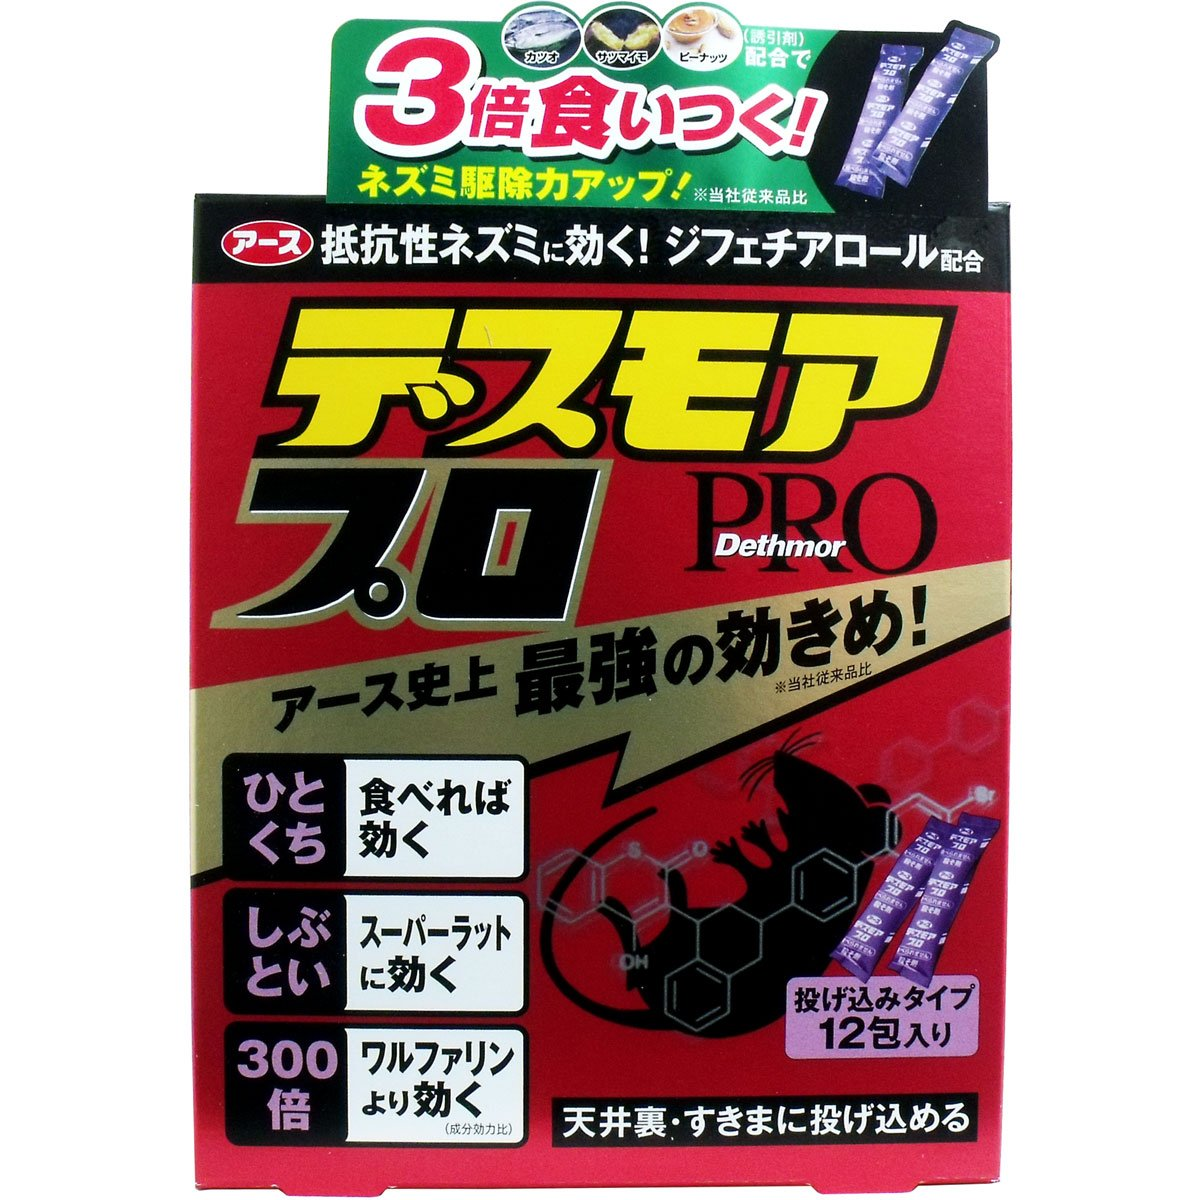 ネズミ用 1度食べれば効く 暮らし、安心 アイテム アース デスモアプロ 投げ込みタイプ 12包入 B00W2UPLOQ